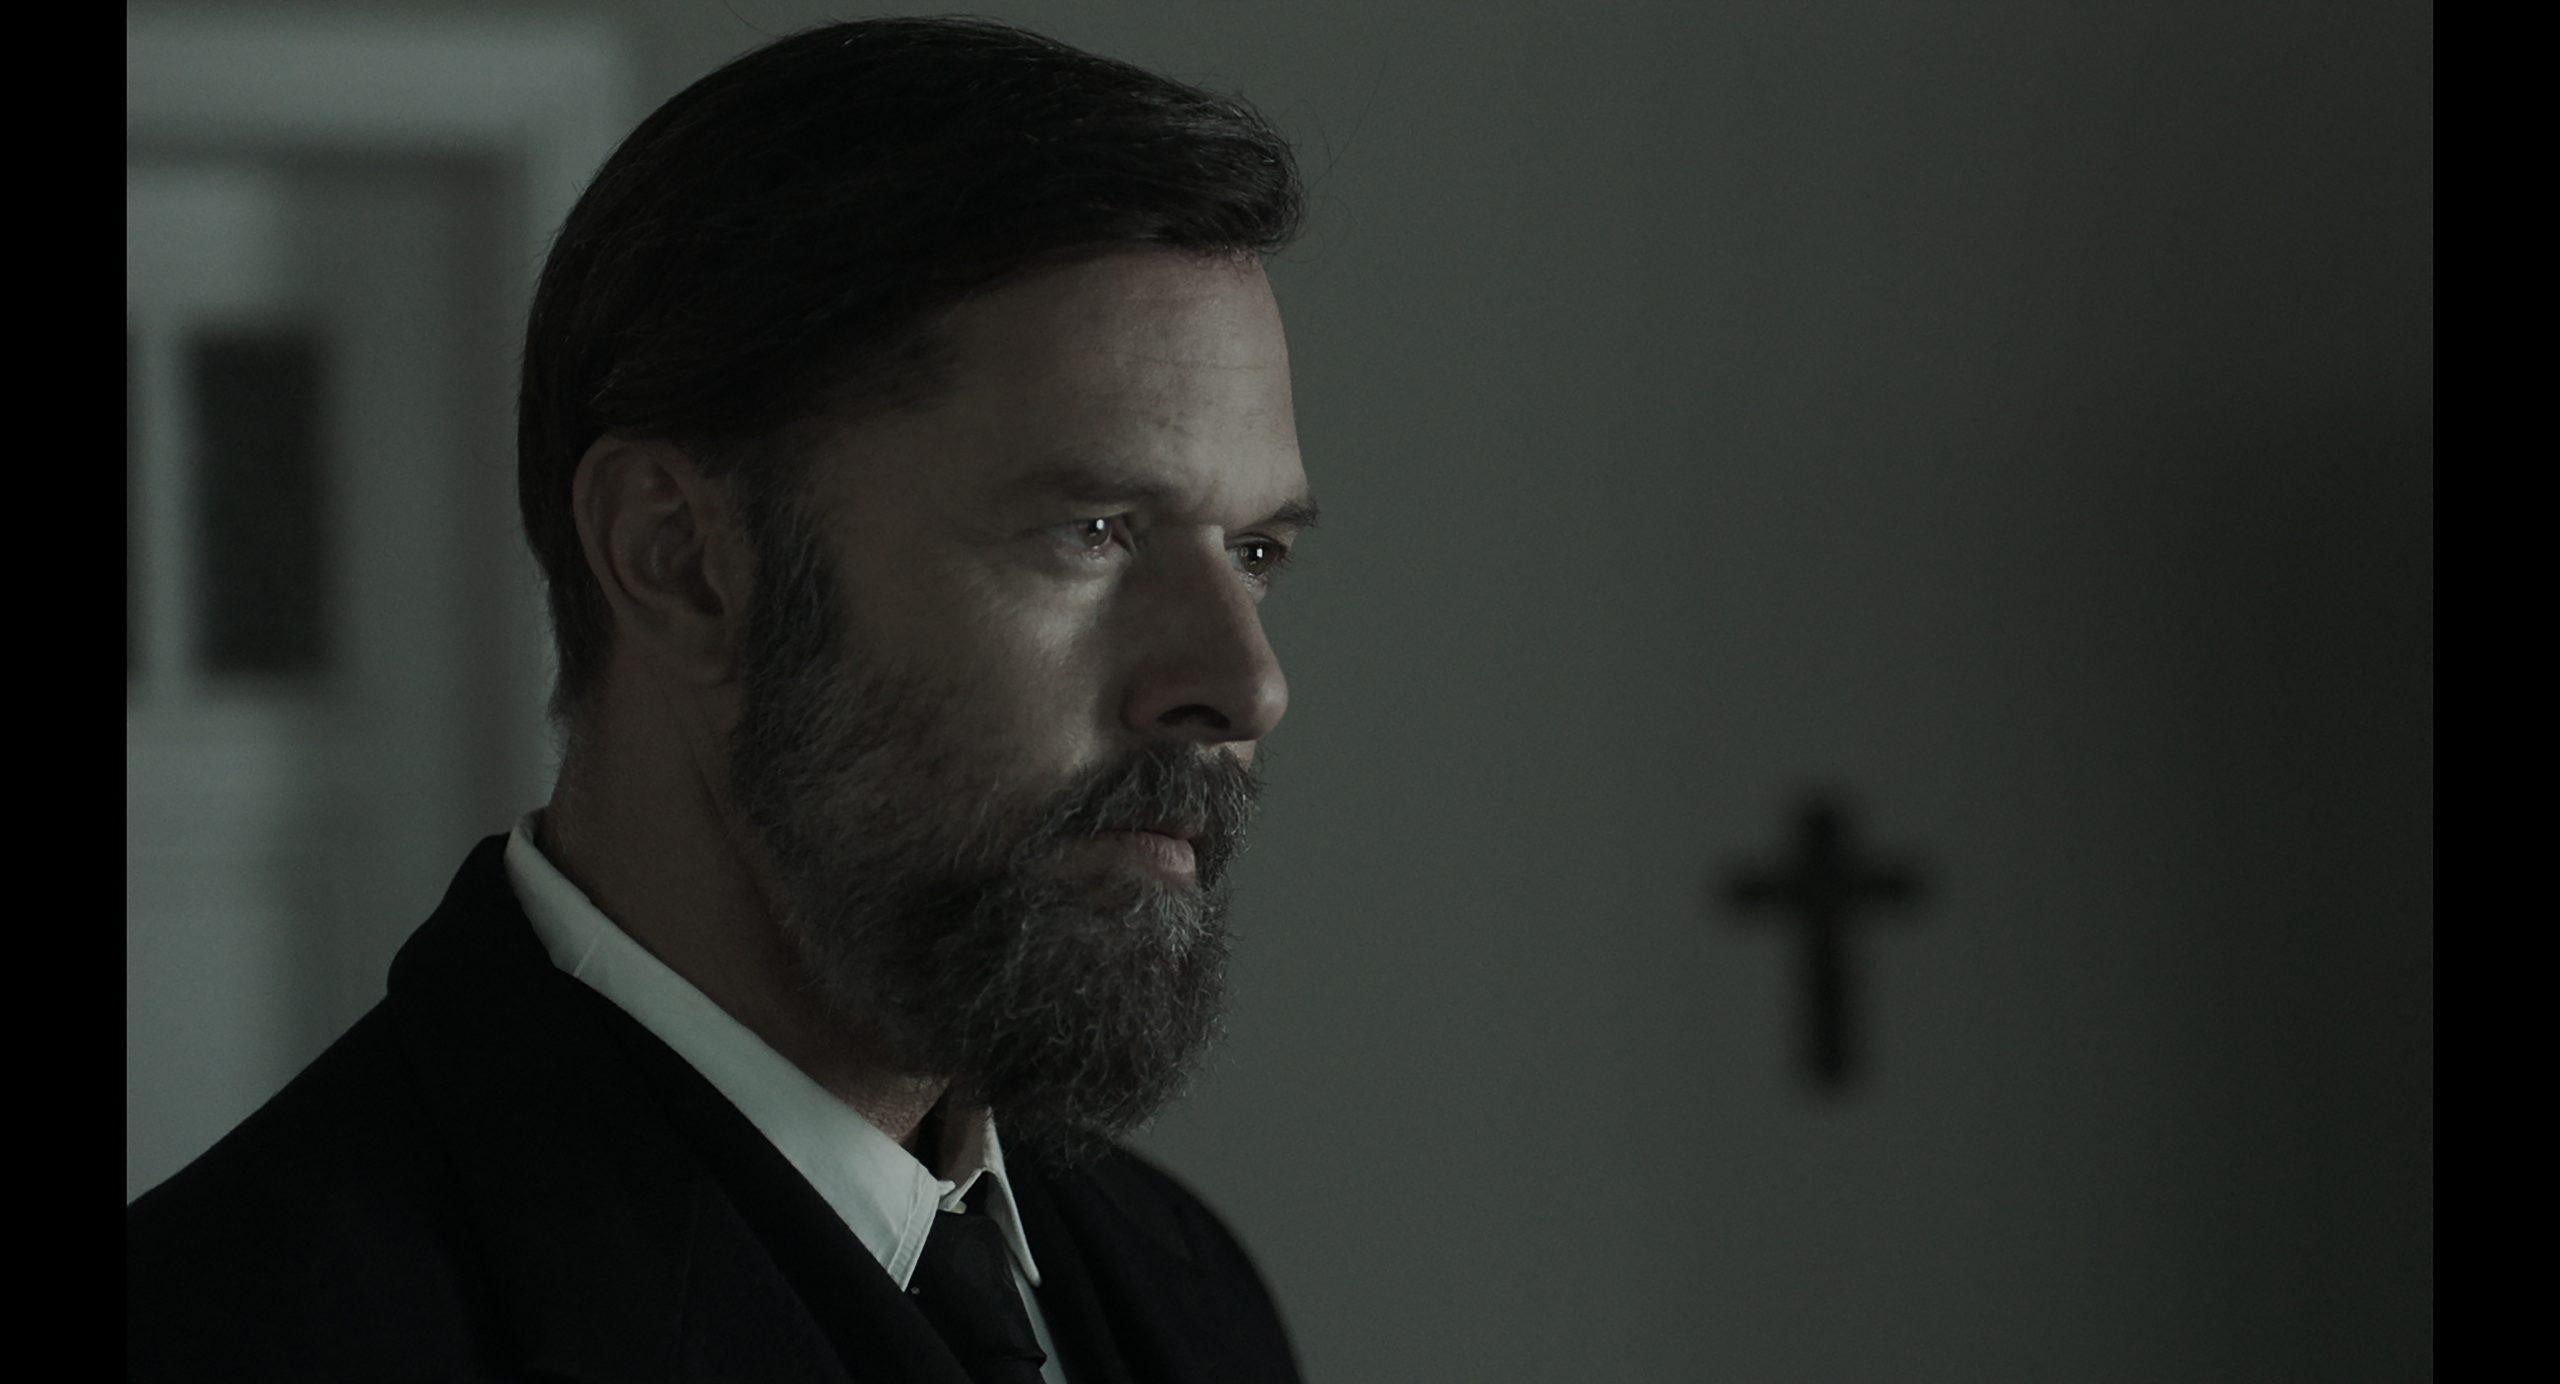 «O Άνθρωπος του Θεού» στο 11ο Athens Open Air Film Festi